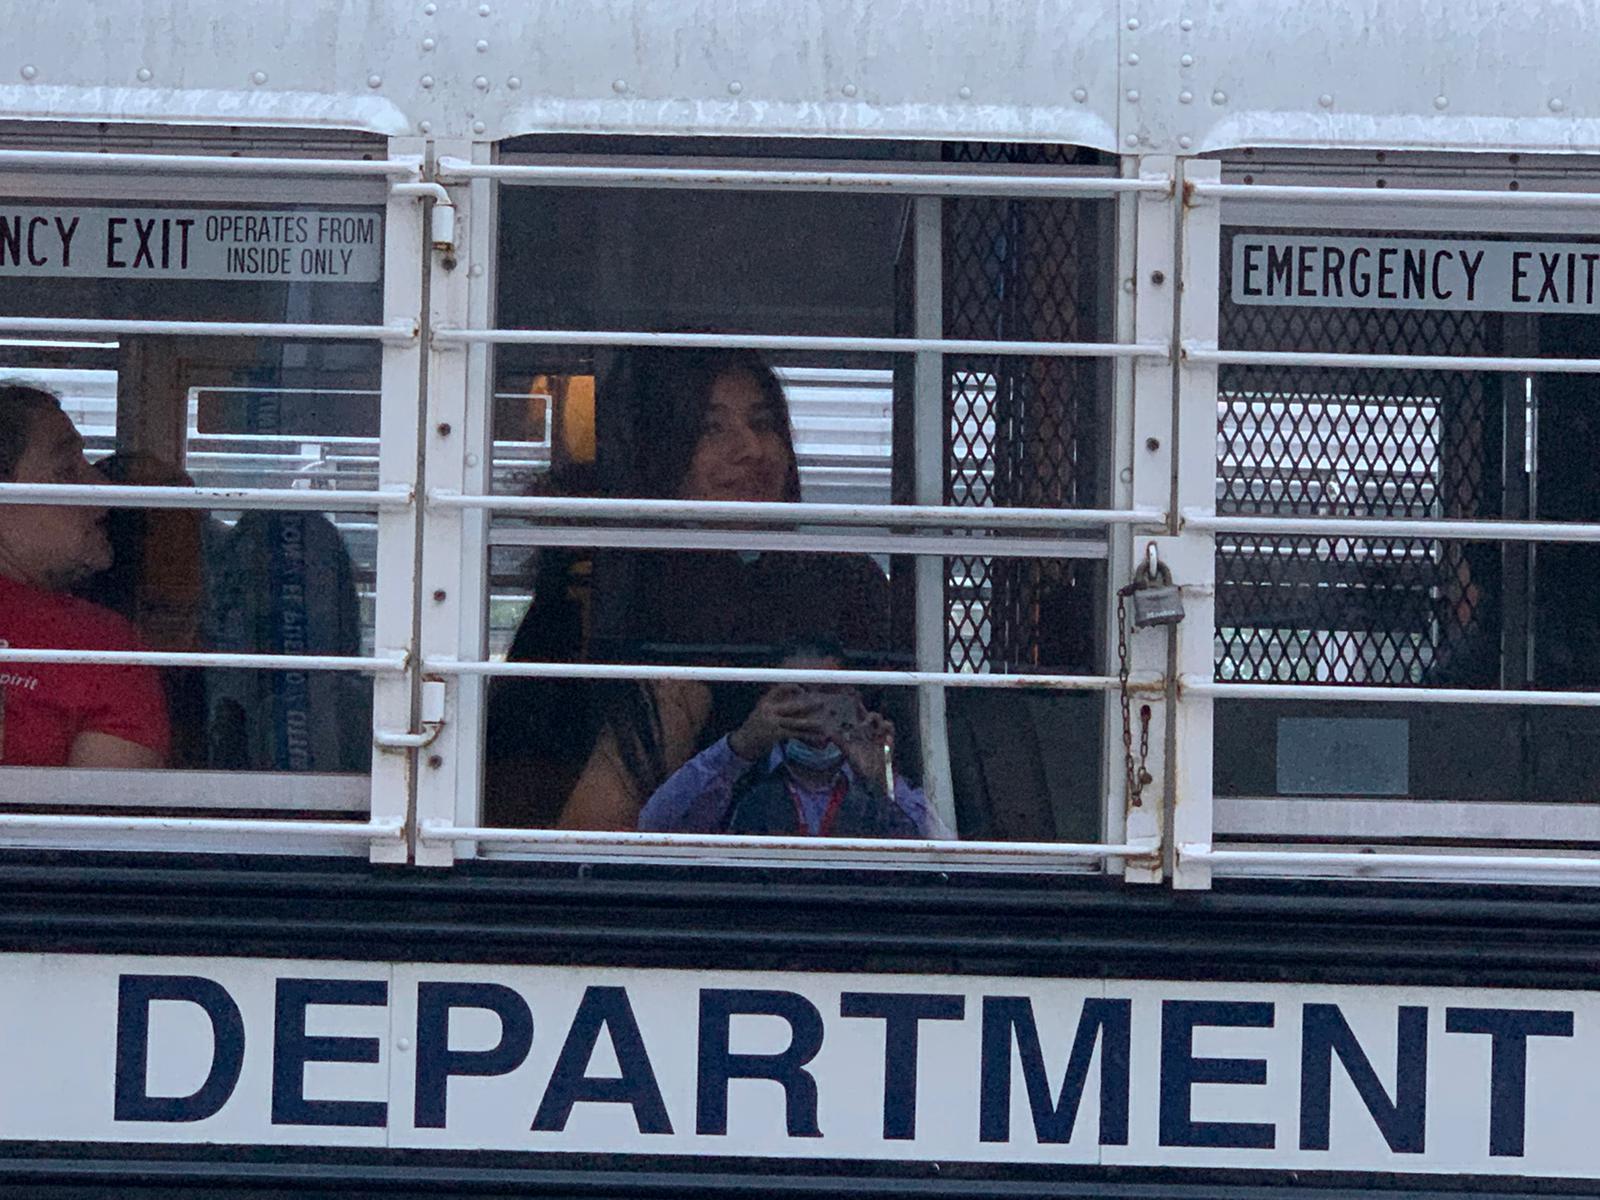 اعتقال جماعي لـ58 شخصا بتهمة خرق حظر التجول في لوس أنجلوس